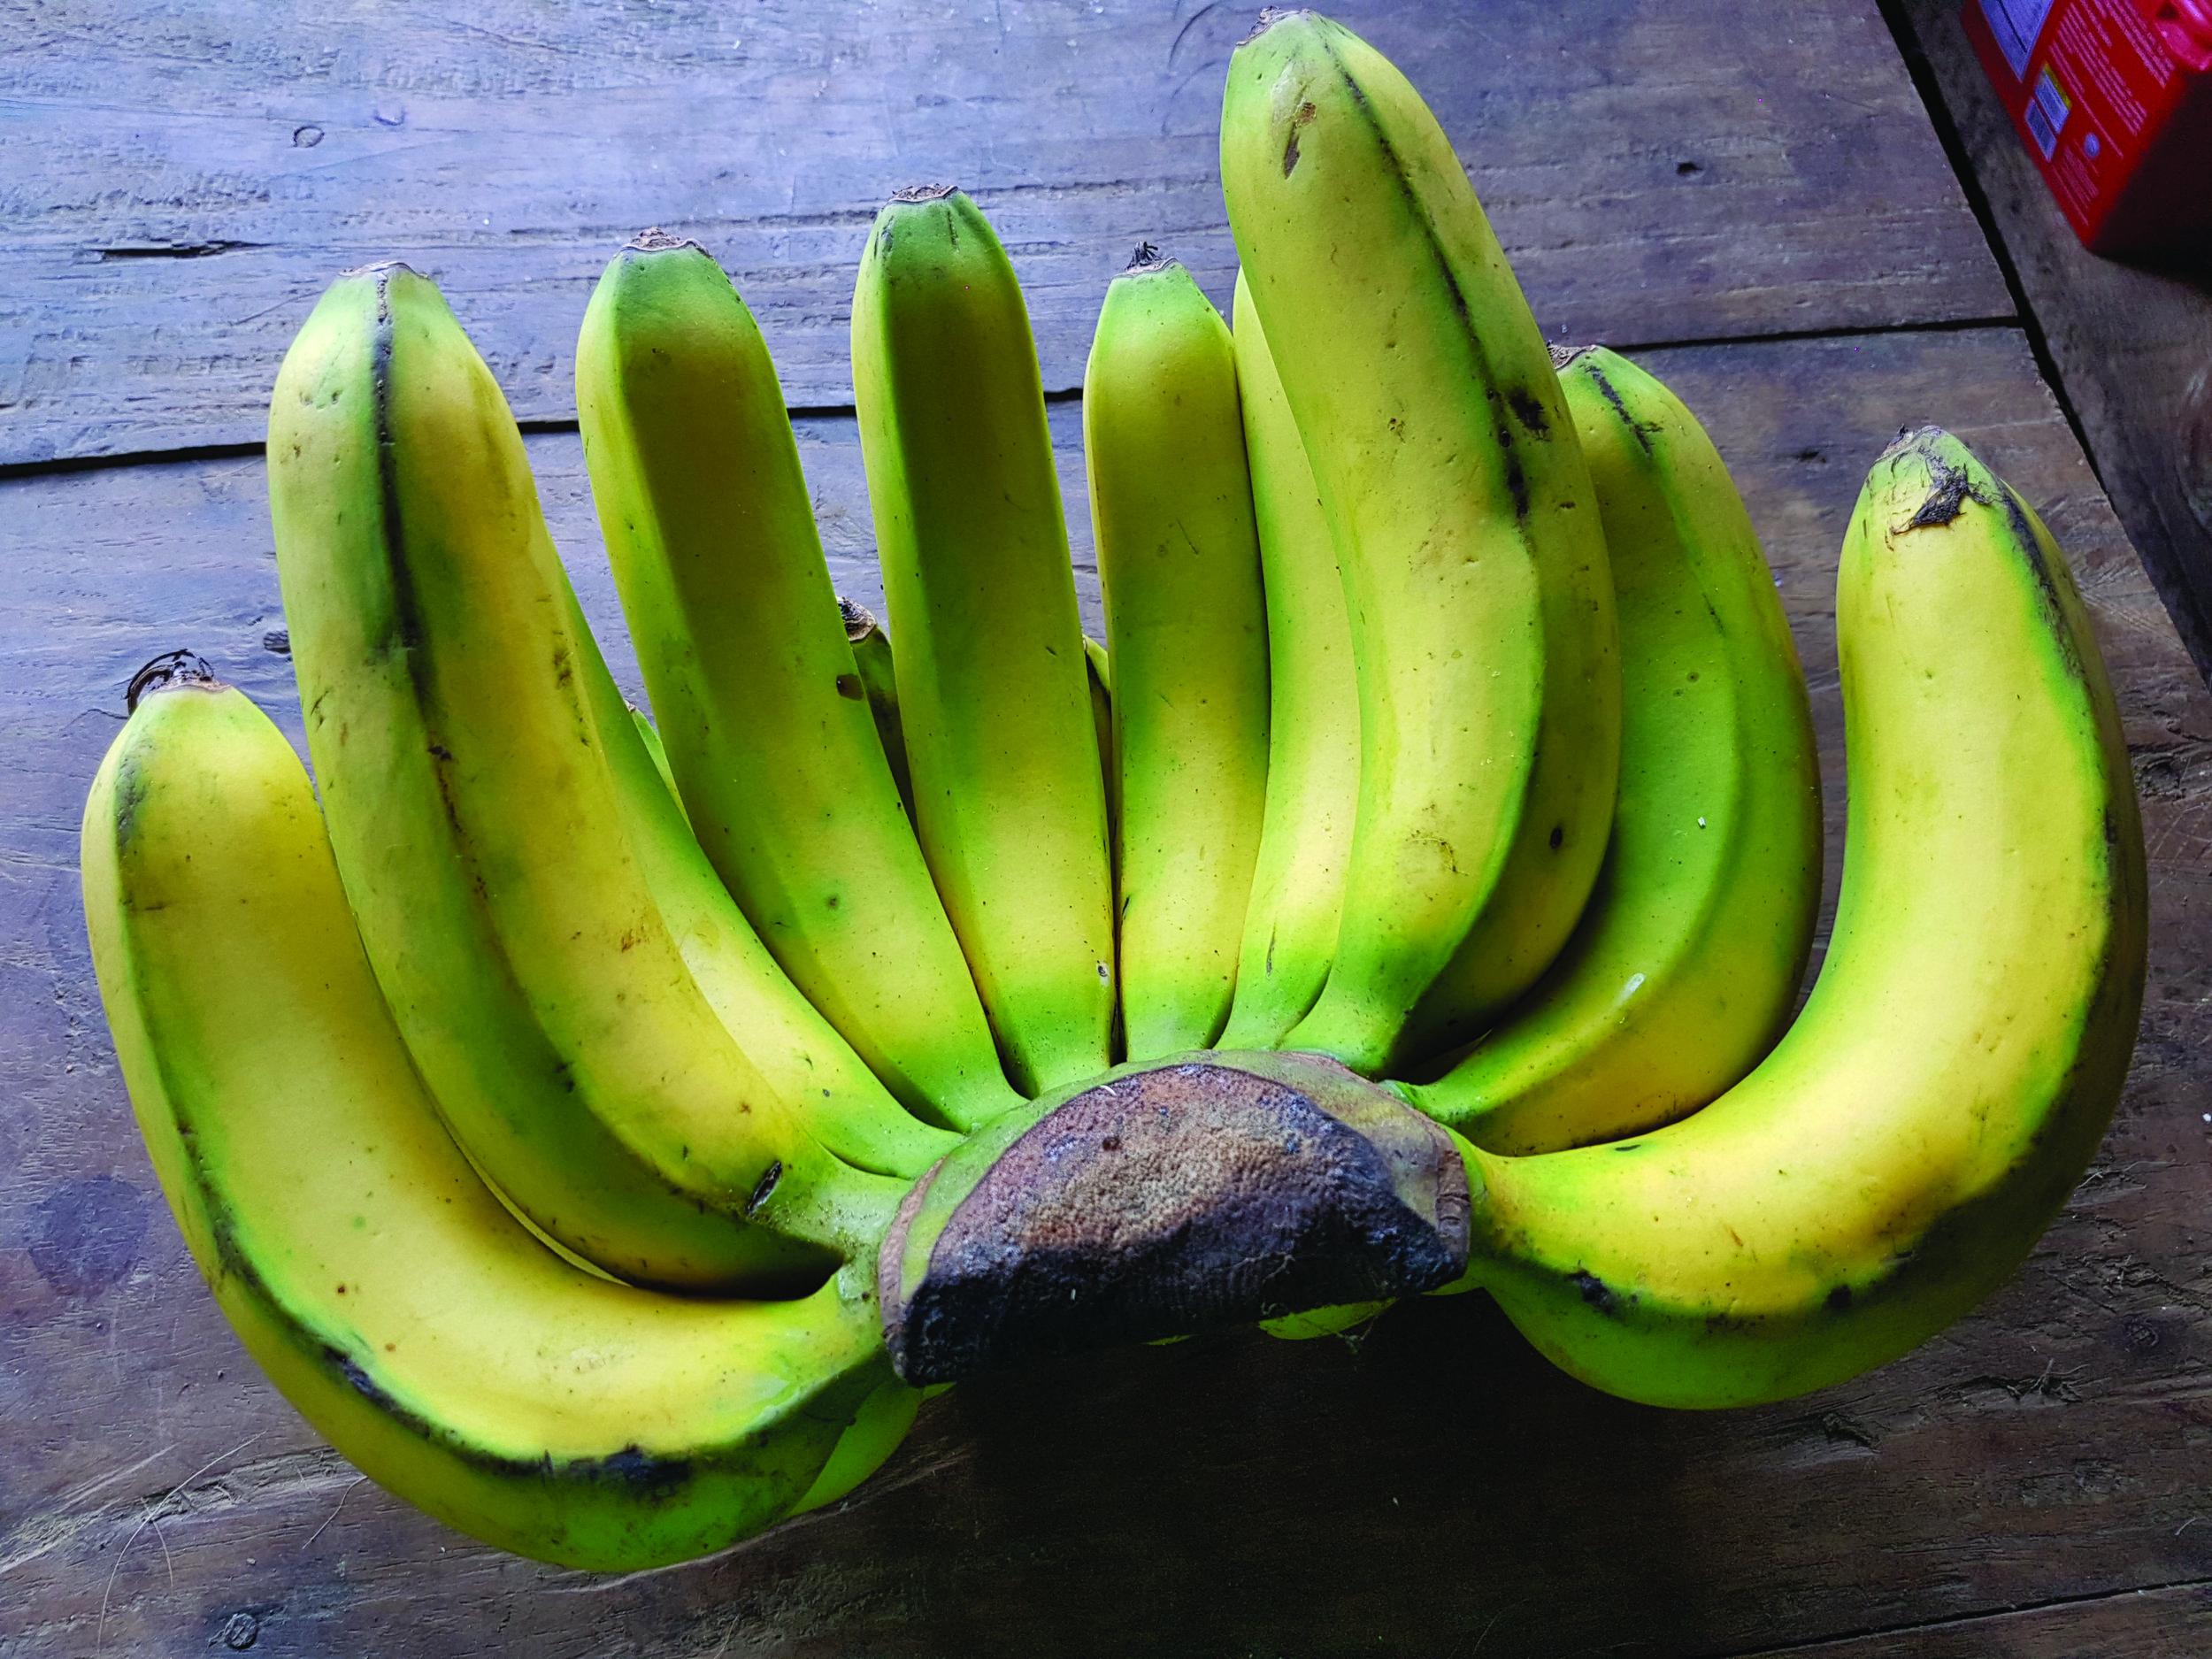 Lakatan_bananas,_Philippines.jpg